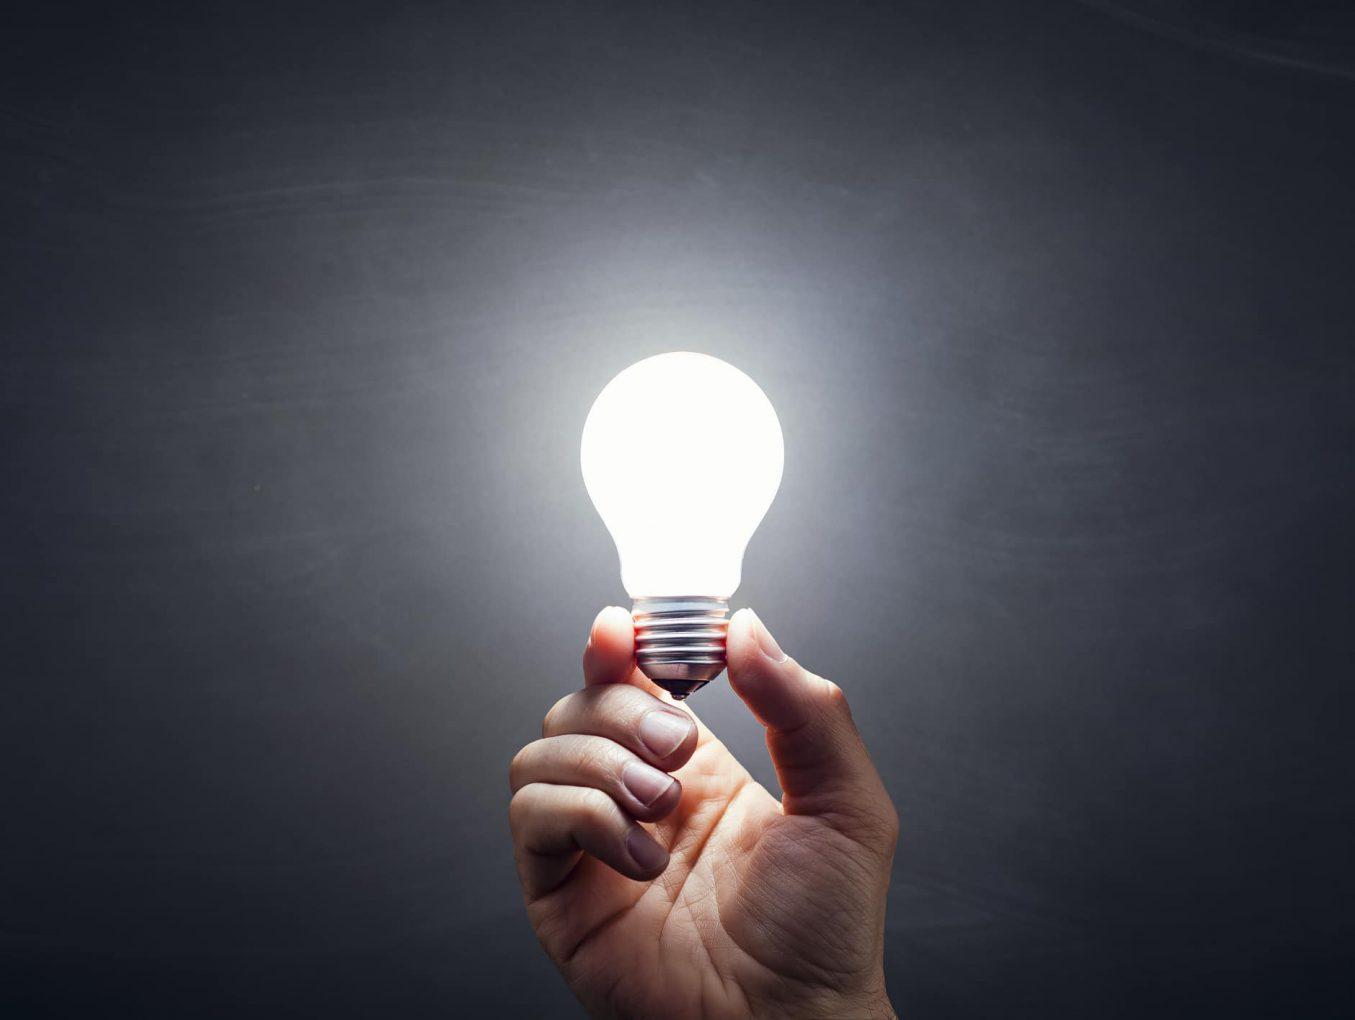 บทความ การวัดความเข้มของแสง Light Intensity